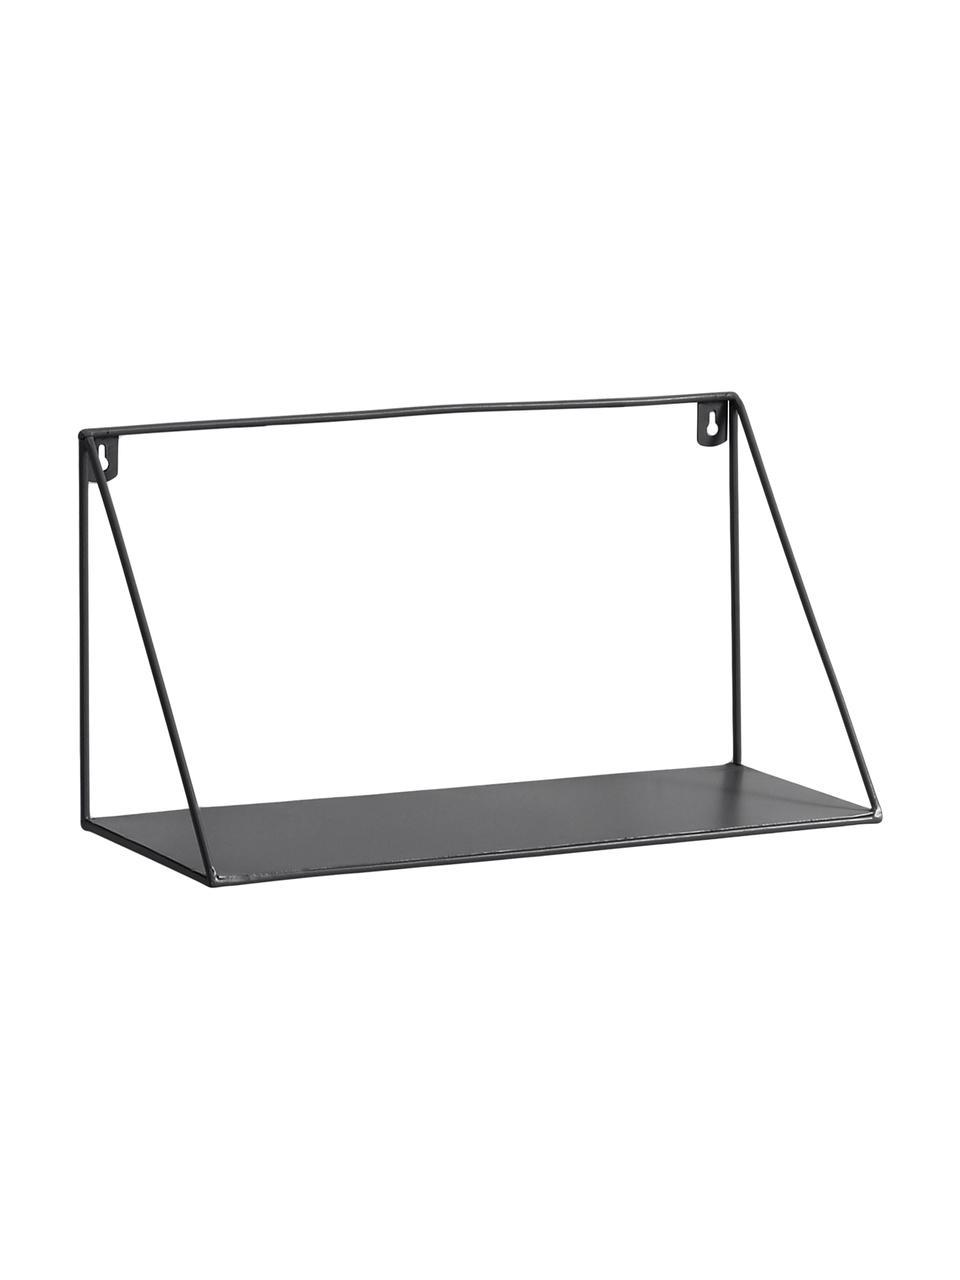 Mensola in metallo nero Teg, Metallo verniciato, Nero, Larg. 40 x Alt. 20 cm